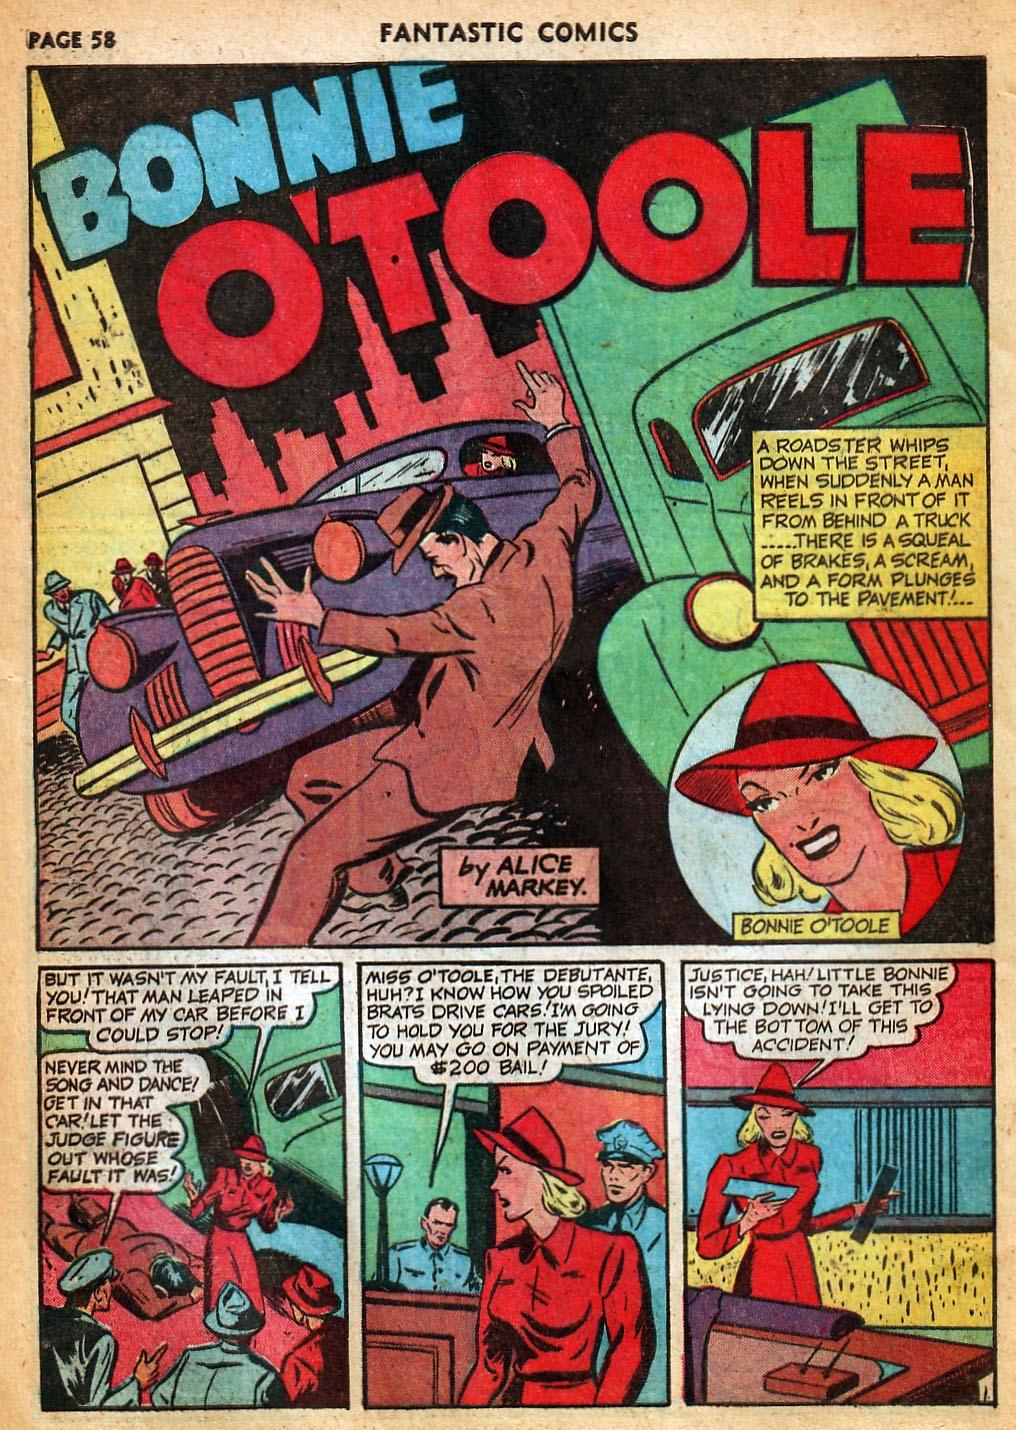 Read online Fantastic Comics comic -  Issue #22 - 59